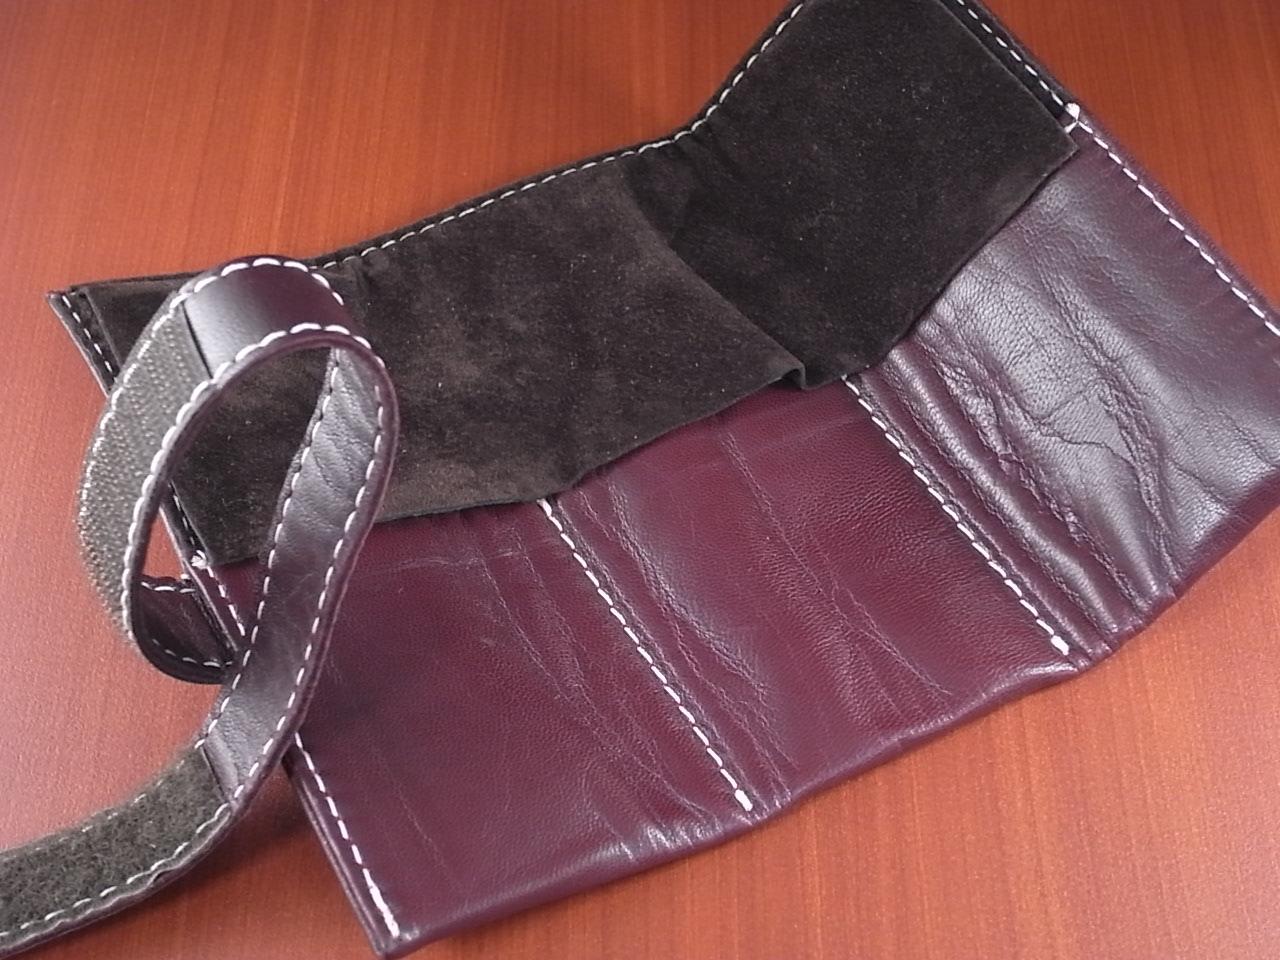 本革時計ケース 携帯タイプ 3本用 イタリア製 ボルドー 白ステッチの写真2枚目